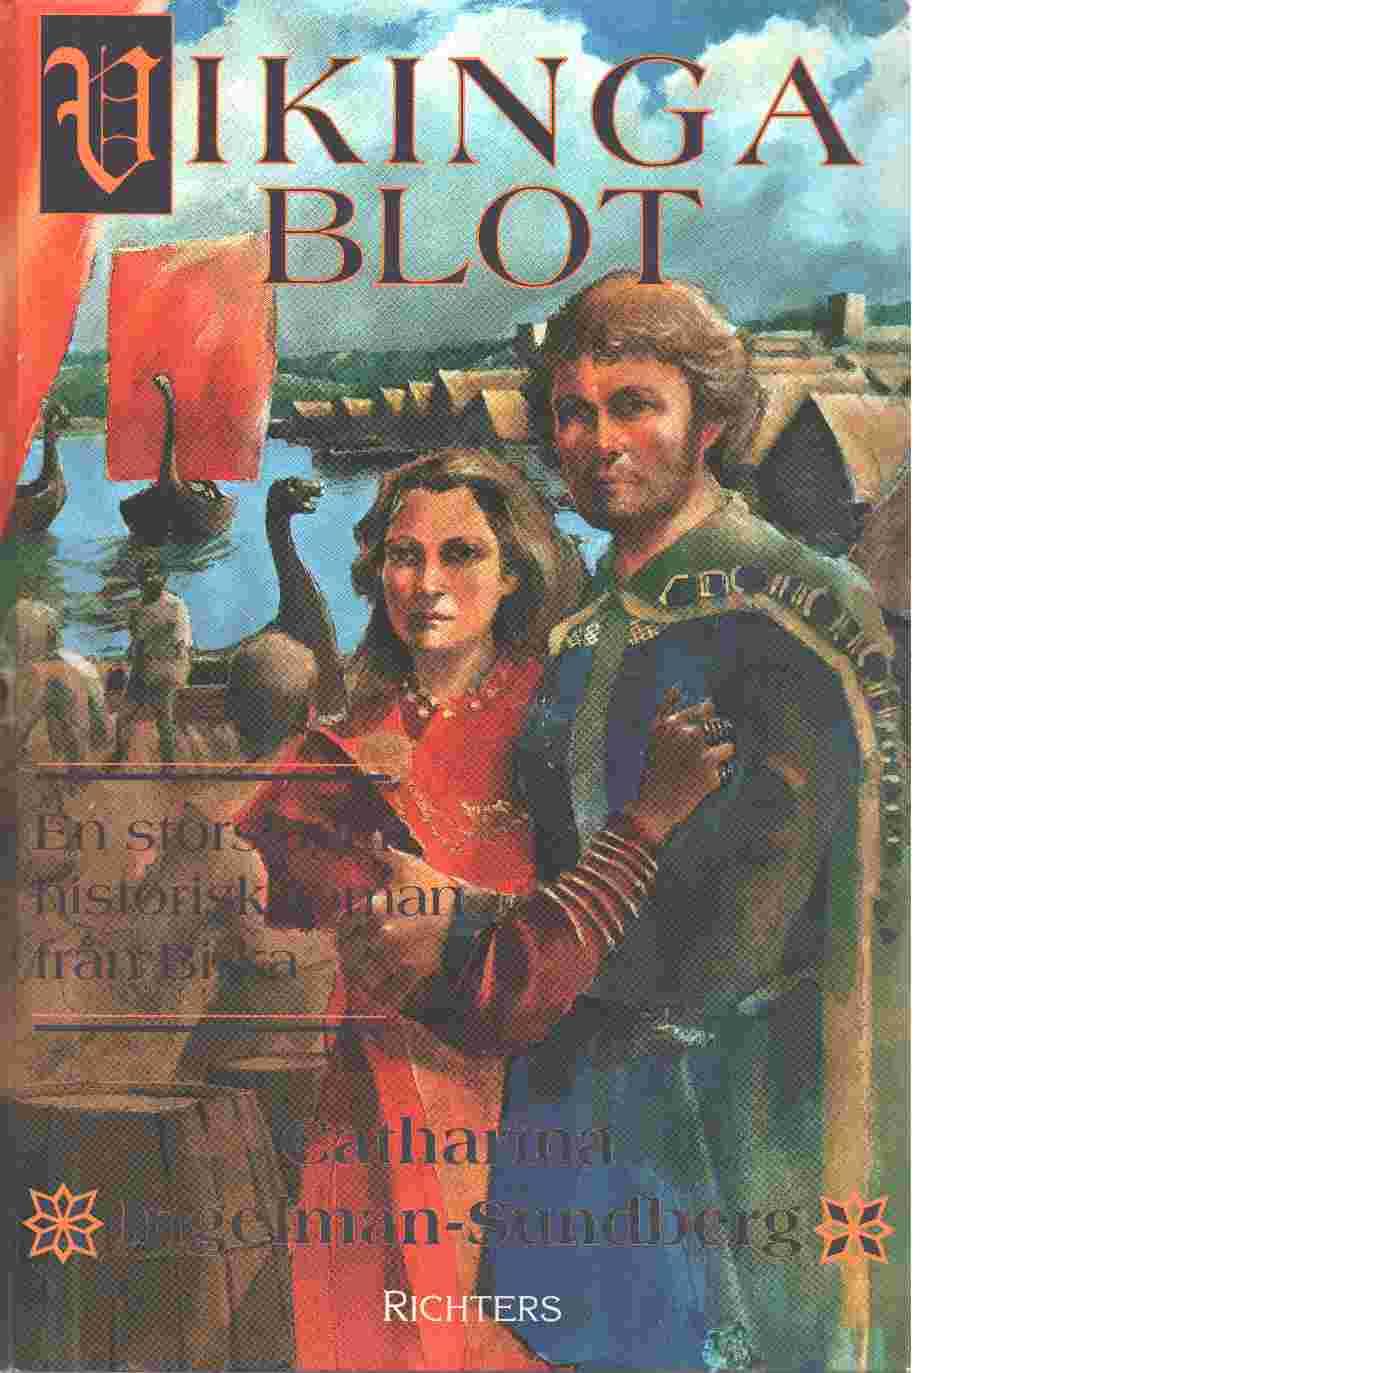 Vikingablot : en historisk roman från Birka - Ingelman-Sundberg, Catharina